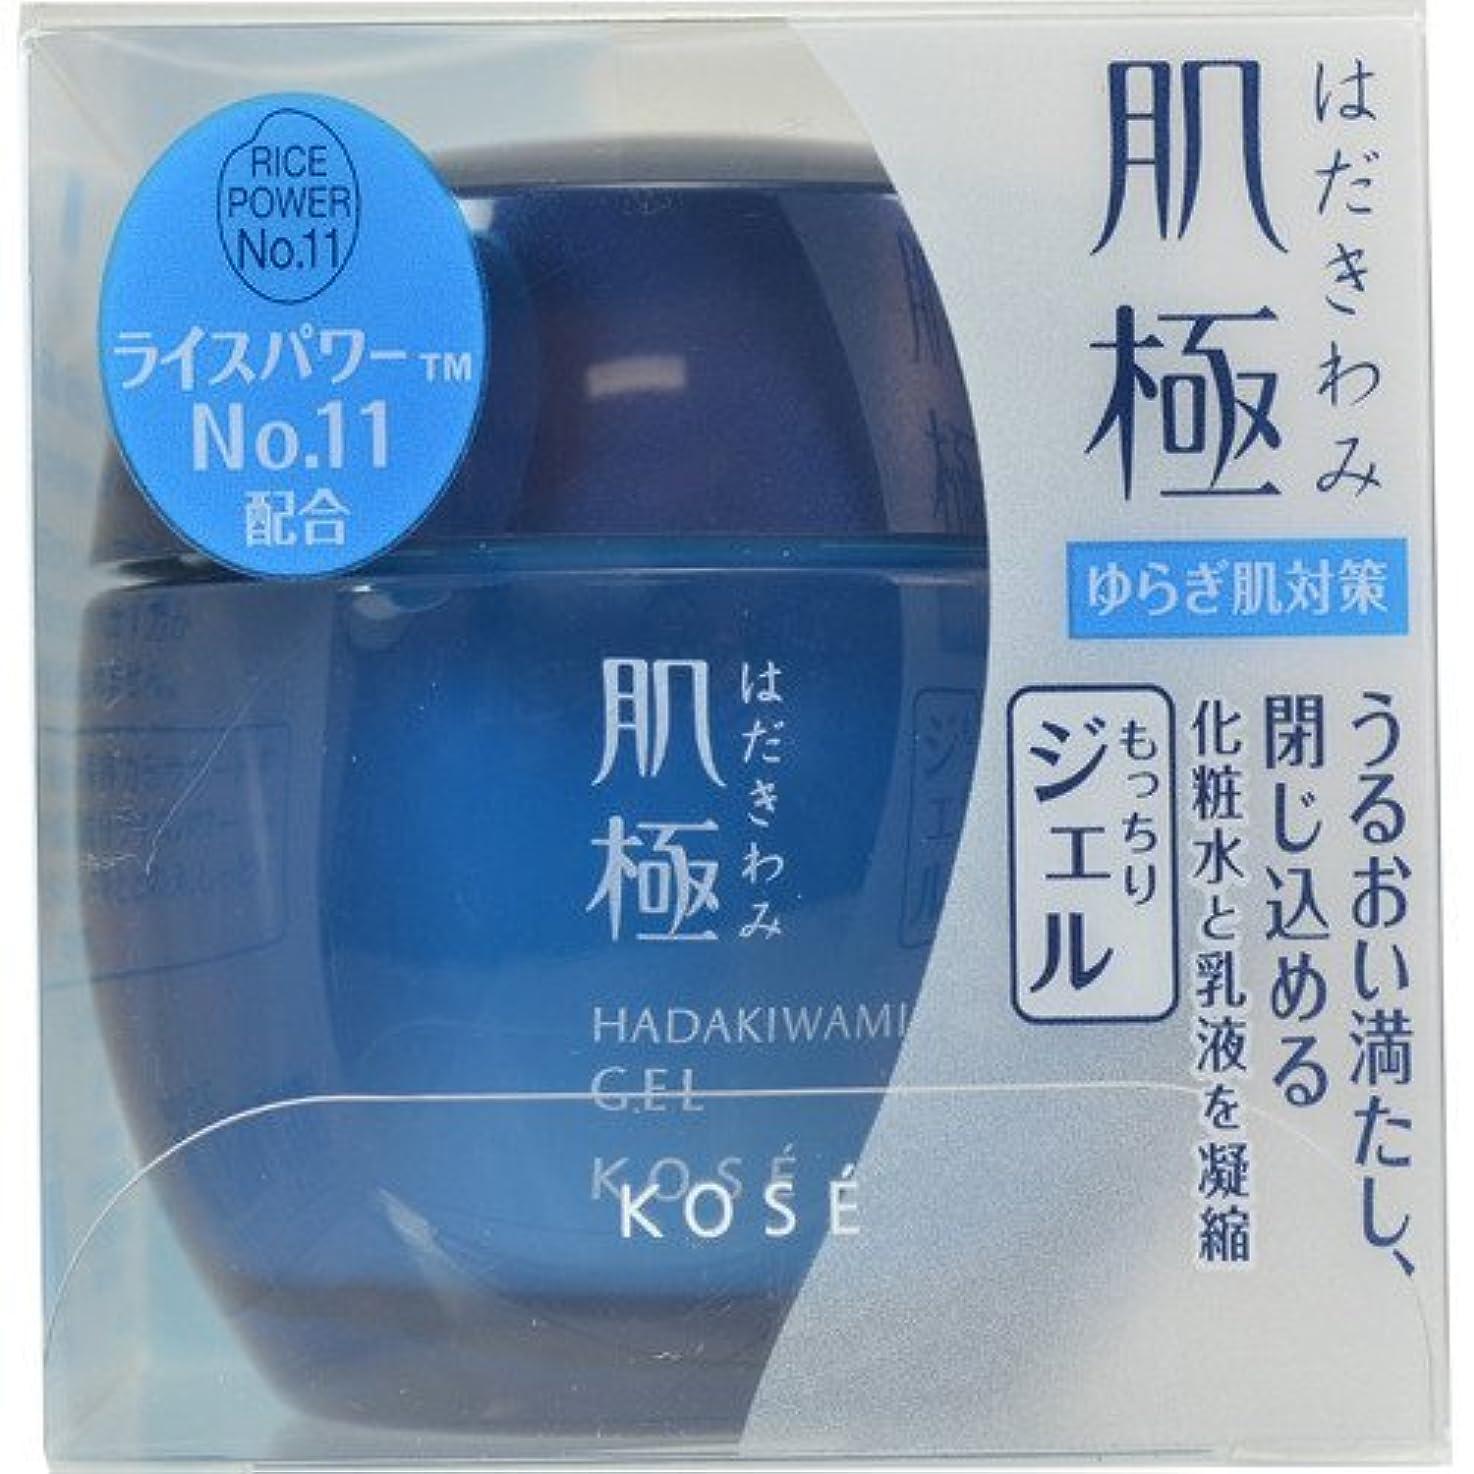 プランターマナー湿った肌極 化粧液(ジェル) 40g [並行輸入品]